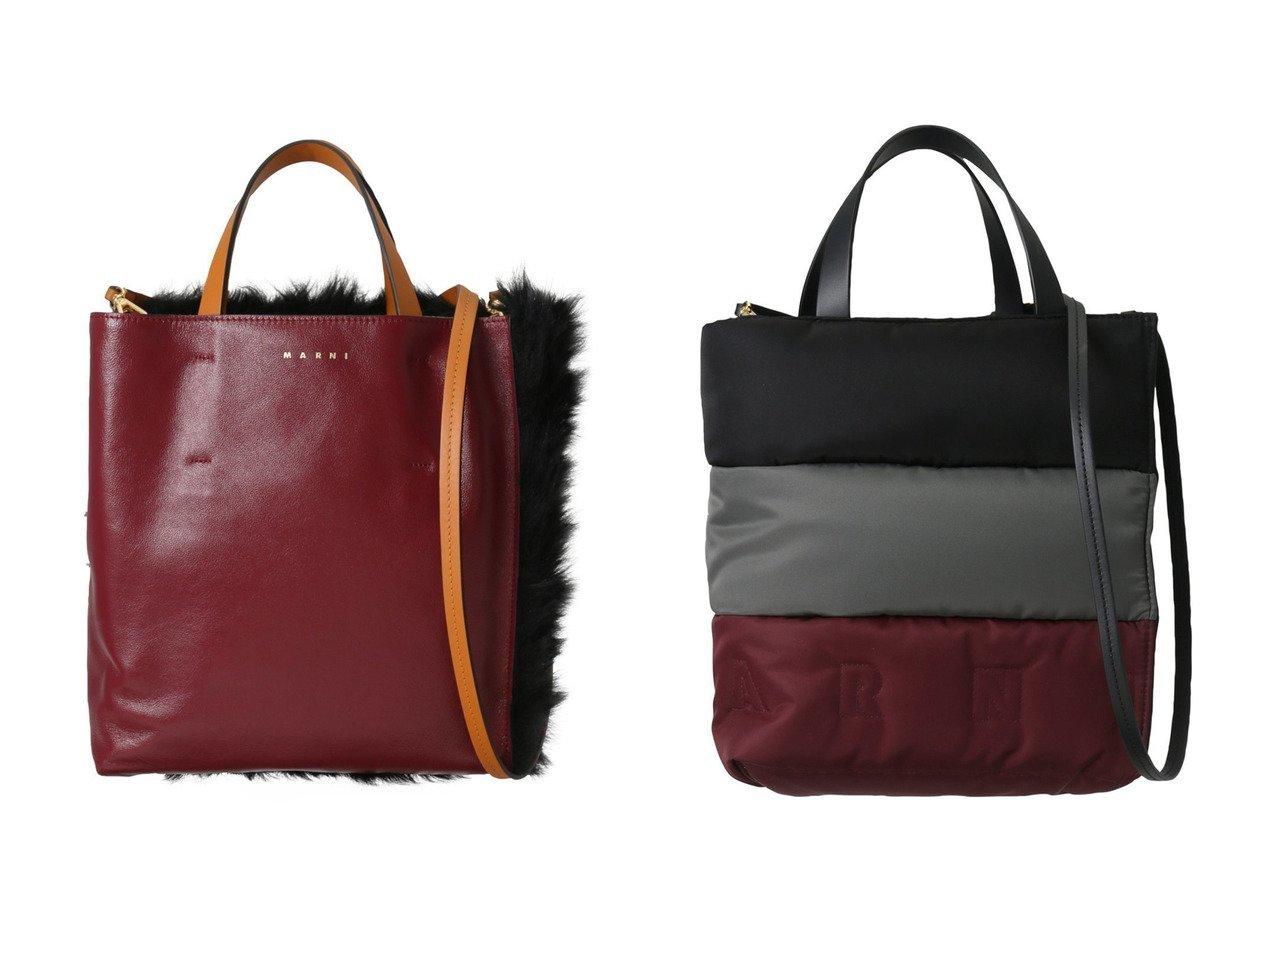 【MARNI/マルニ】のMUSEO SOFT SMALL ナイロンコンビ2wayトートバッグ&MUSEO SOFT SMALL ファーコンビ2wayトートバッグ 【バッグ・鞄】おすすめ!人気、トレンド・レディースファッションの通販 おすすめで人気の流行・トレンド、ファッションの通販商品 インテリア・家具・メンズファッション・キッズファッション・レディースファッション・服の通販 founy(ファニー) https://founy.com/ ファッション Fashion レディースファッション WOMEN バッグ Bag なめらか コンビ パーティ フェイクファー A/W・秋冬 AW・Autumn/Winter・FW・Fall-Winter フォルム  ID:crp329100000071414